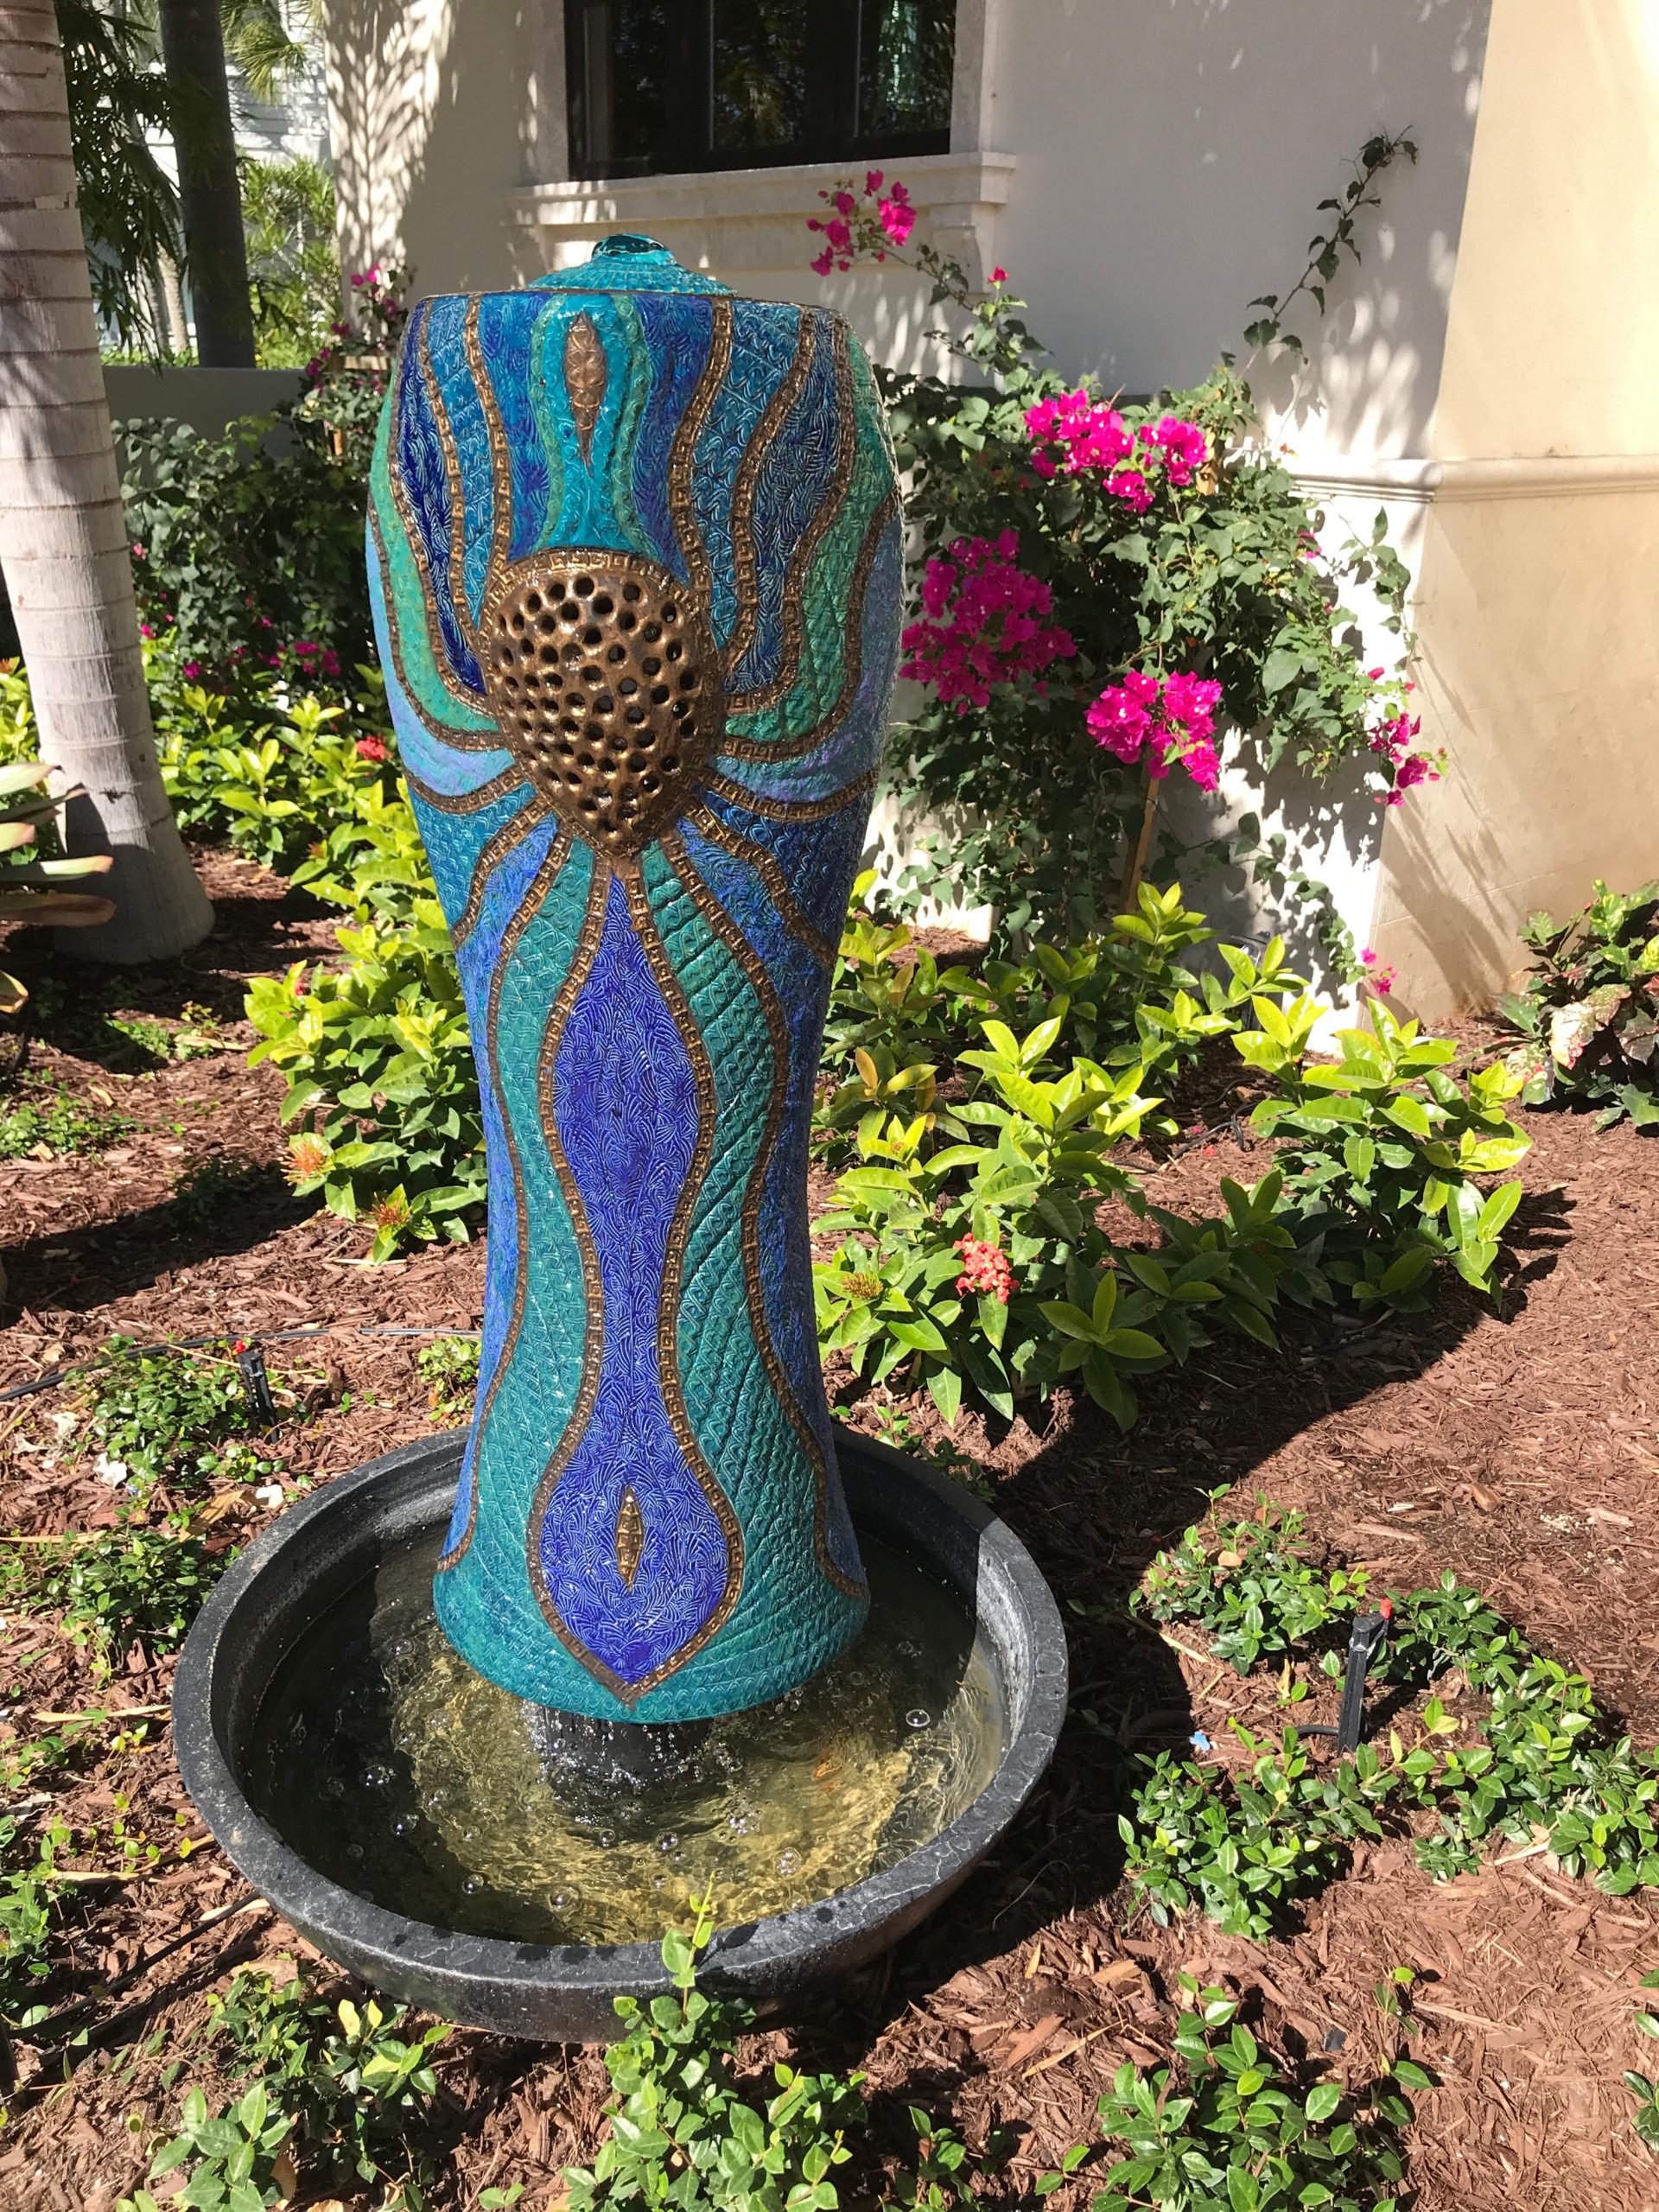 Water Sculpture by Damien Jones Art